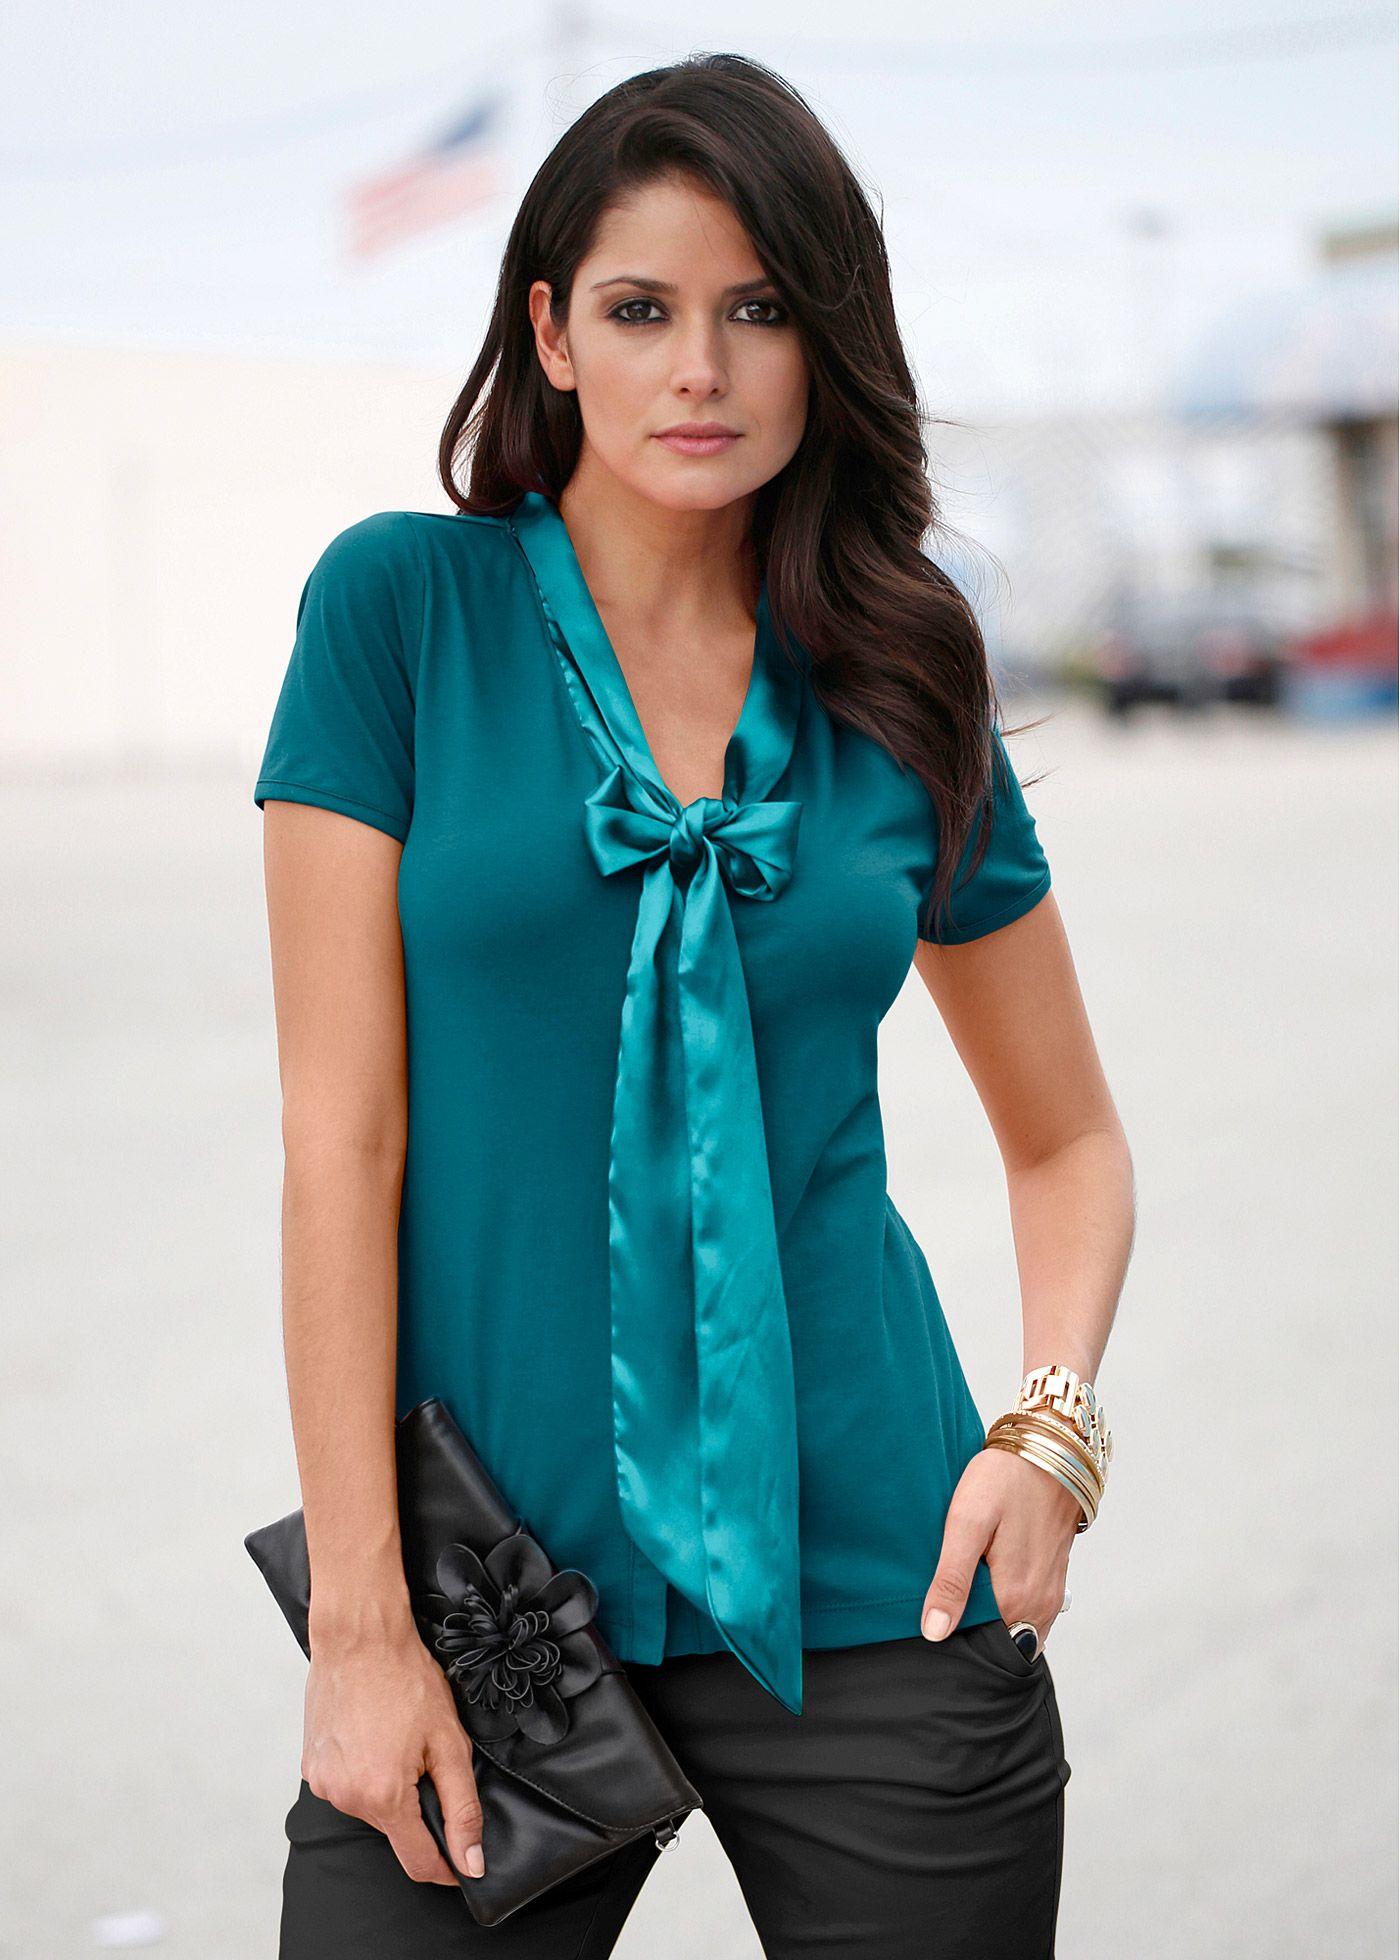 cb60b377b Blusa de malha esmeralda-escuro encomendar agora na loja on-line bonprix.de  R$ 39,90 a partir de Blusa de laço fashion, com fitas de cetim aplicadas  para .